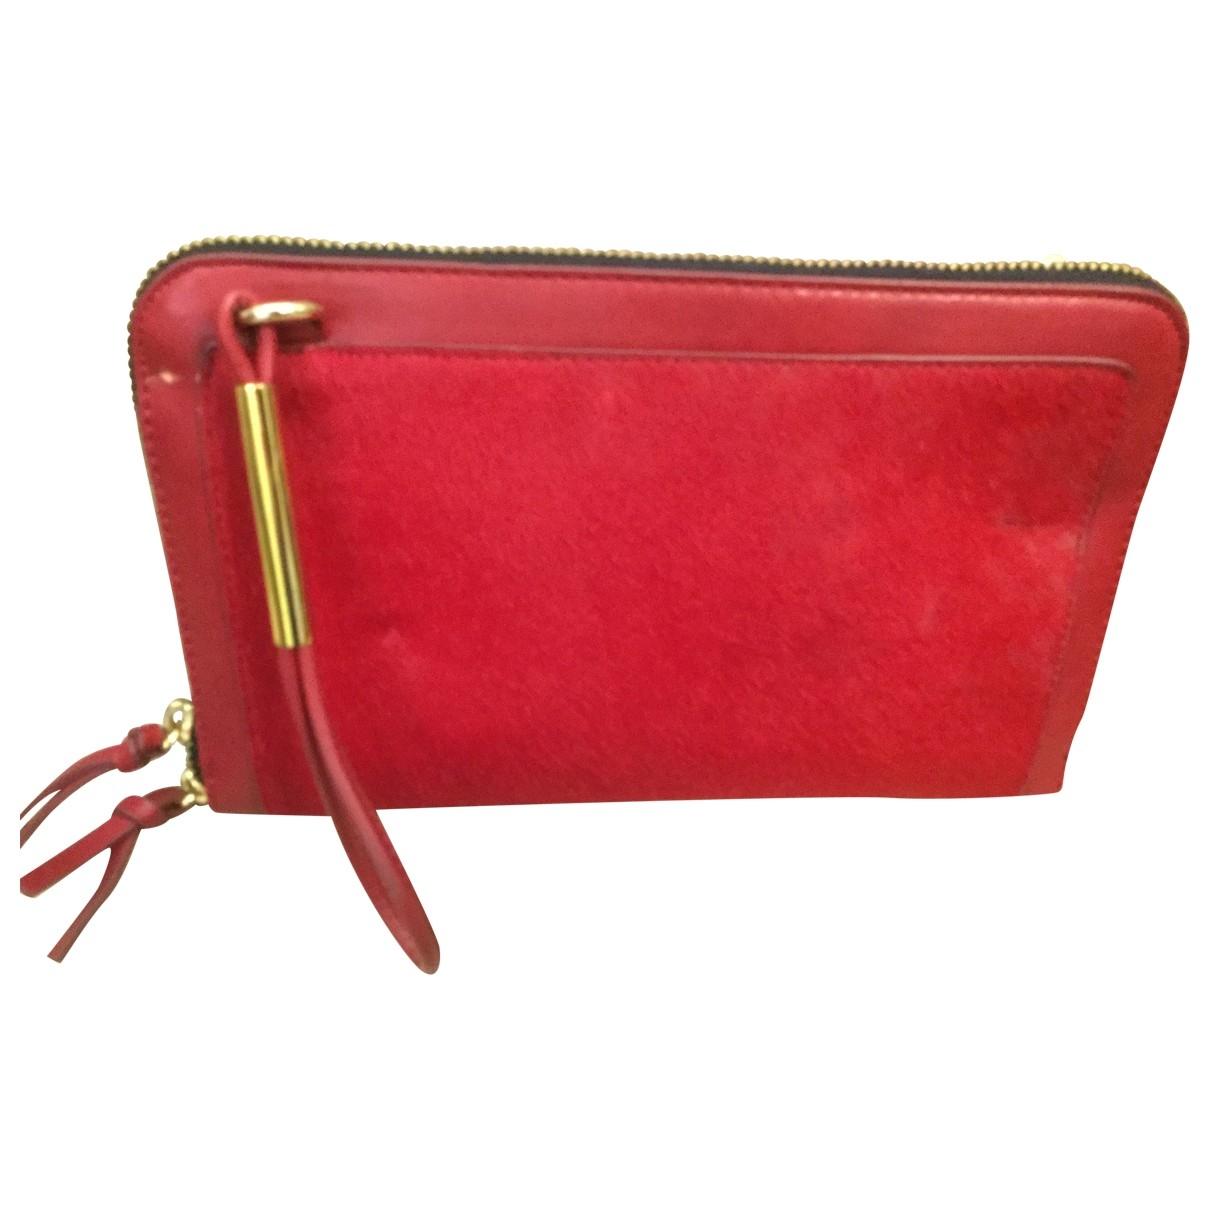 Zara \N Handtasche in  Rot Fell